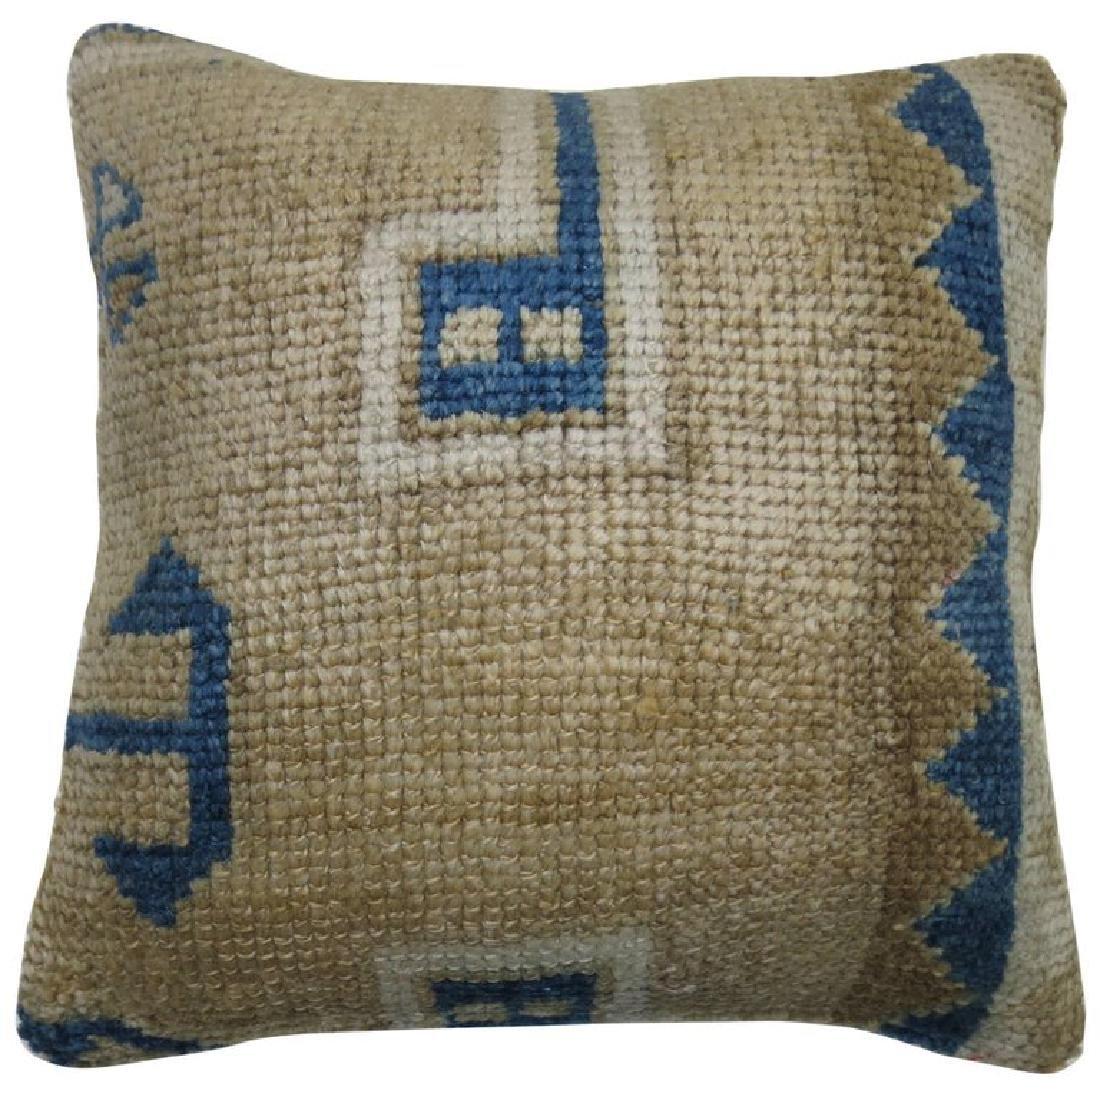 Vintage Oushak Rug Pillow 1.4x1.4x1.4